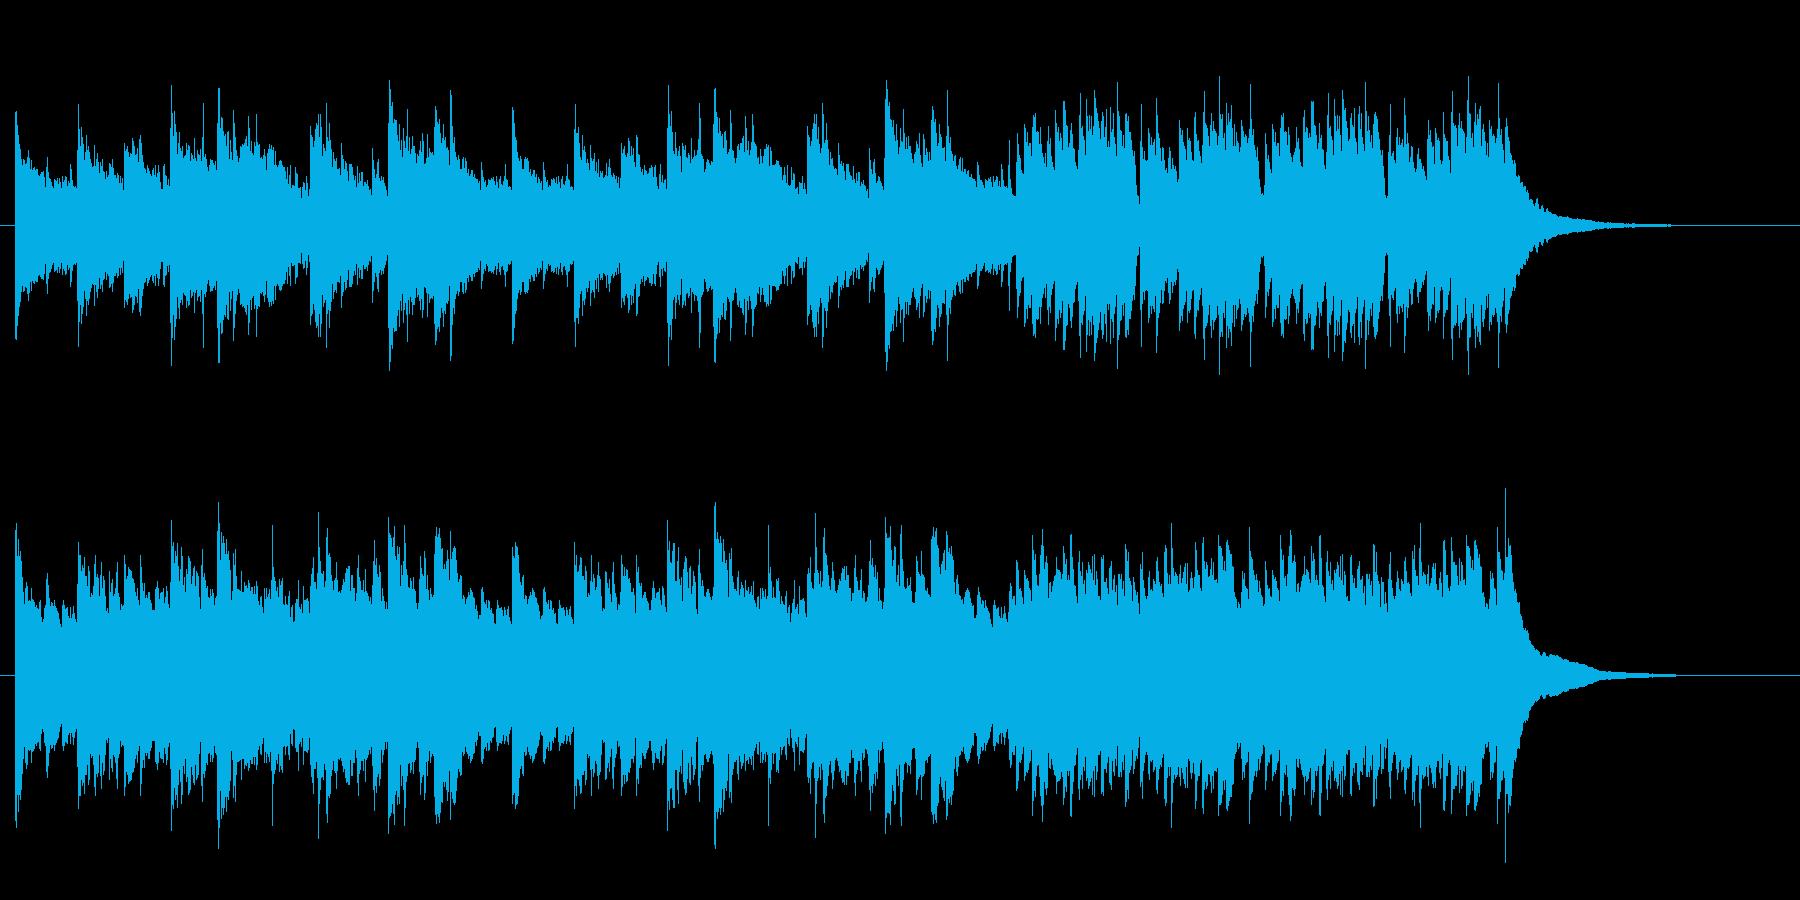 【ピアノ ロック】力強いピアノバッキングの再生済みの波形